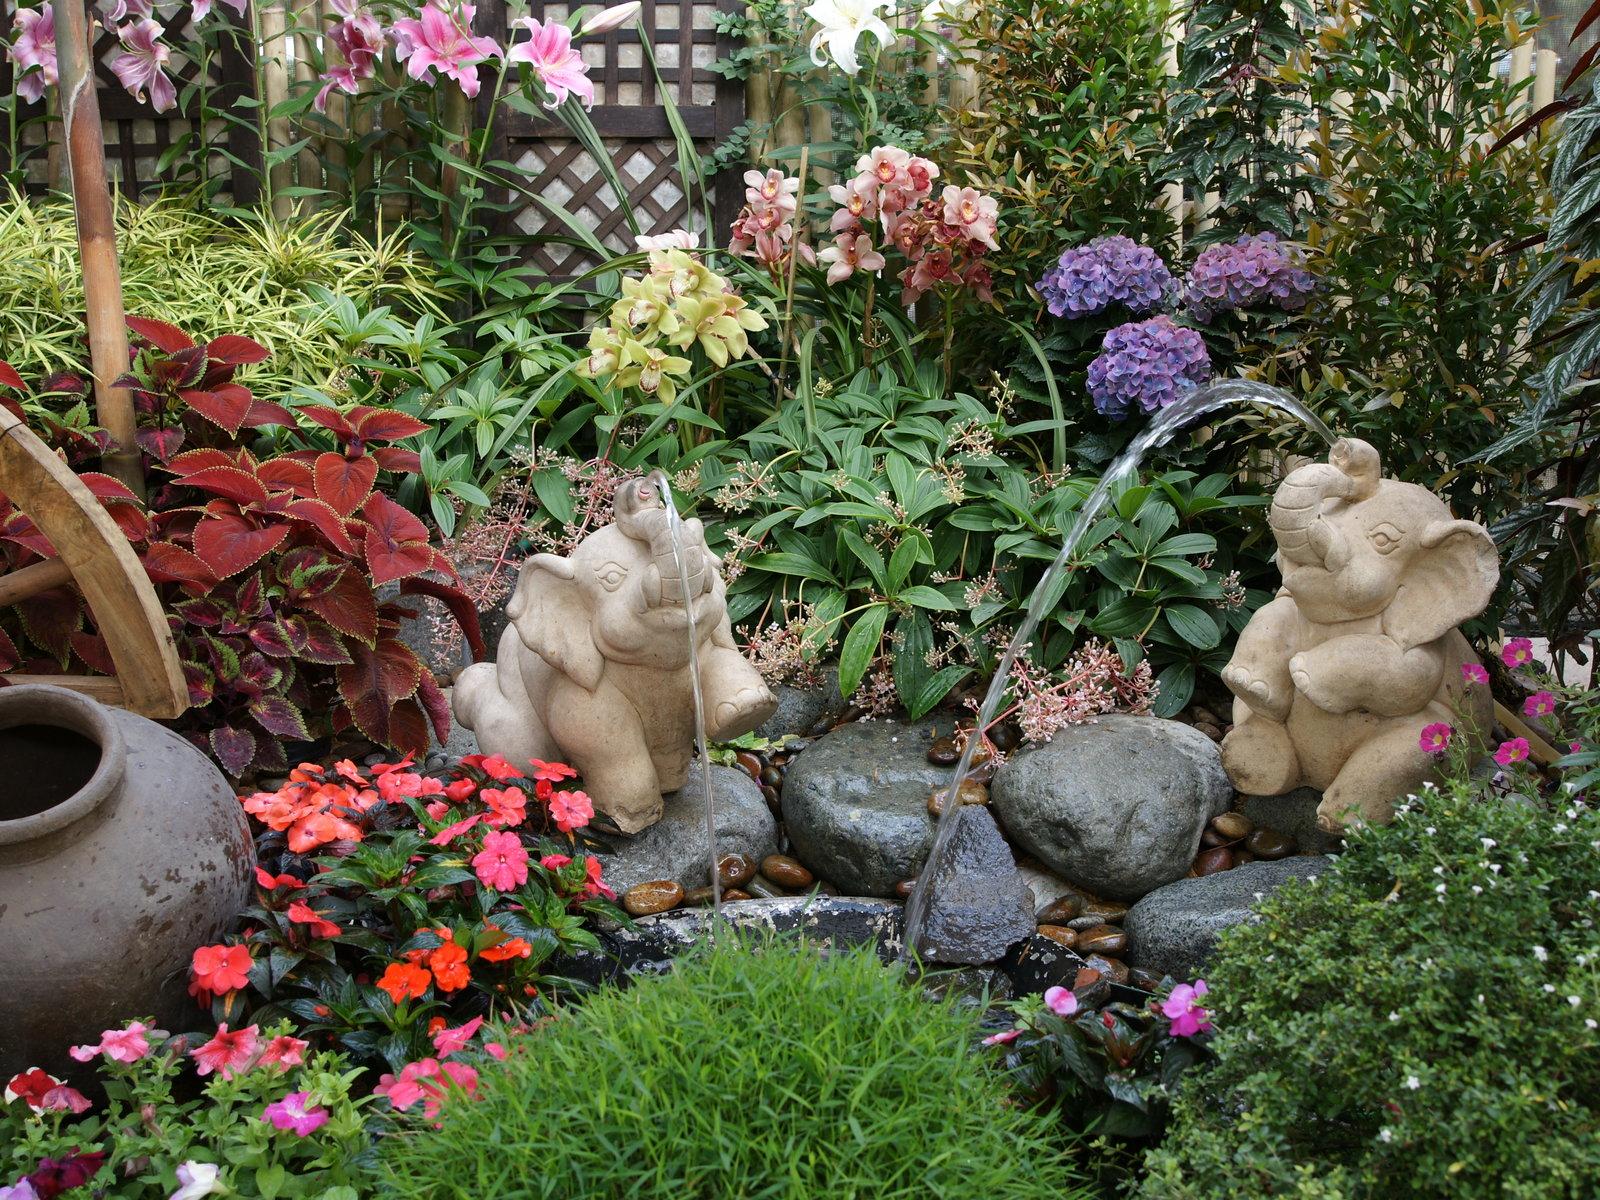 Flower garden with elephants 1600x1200